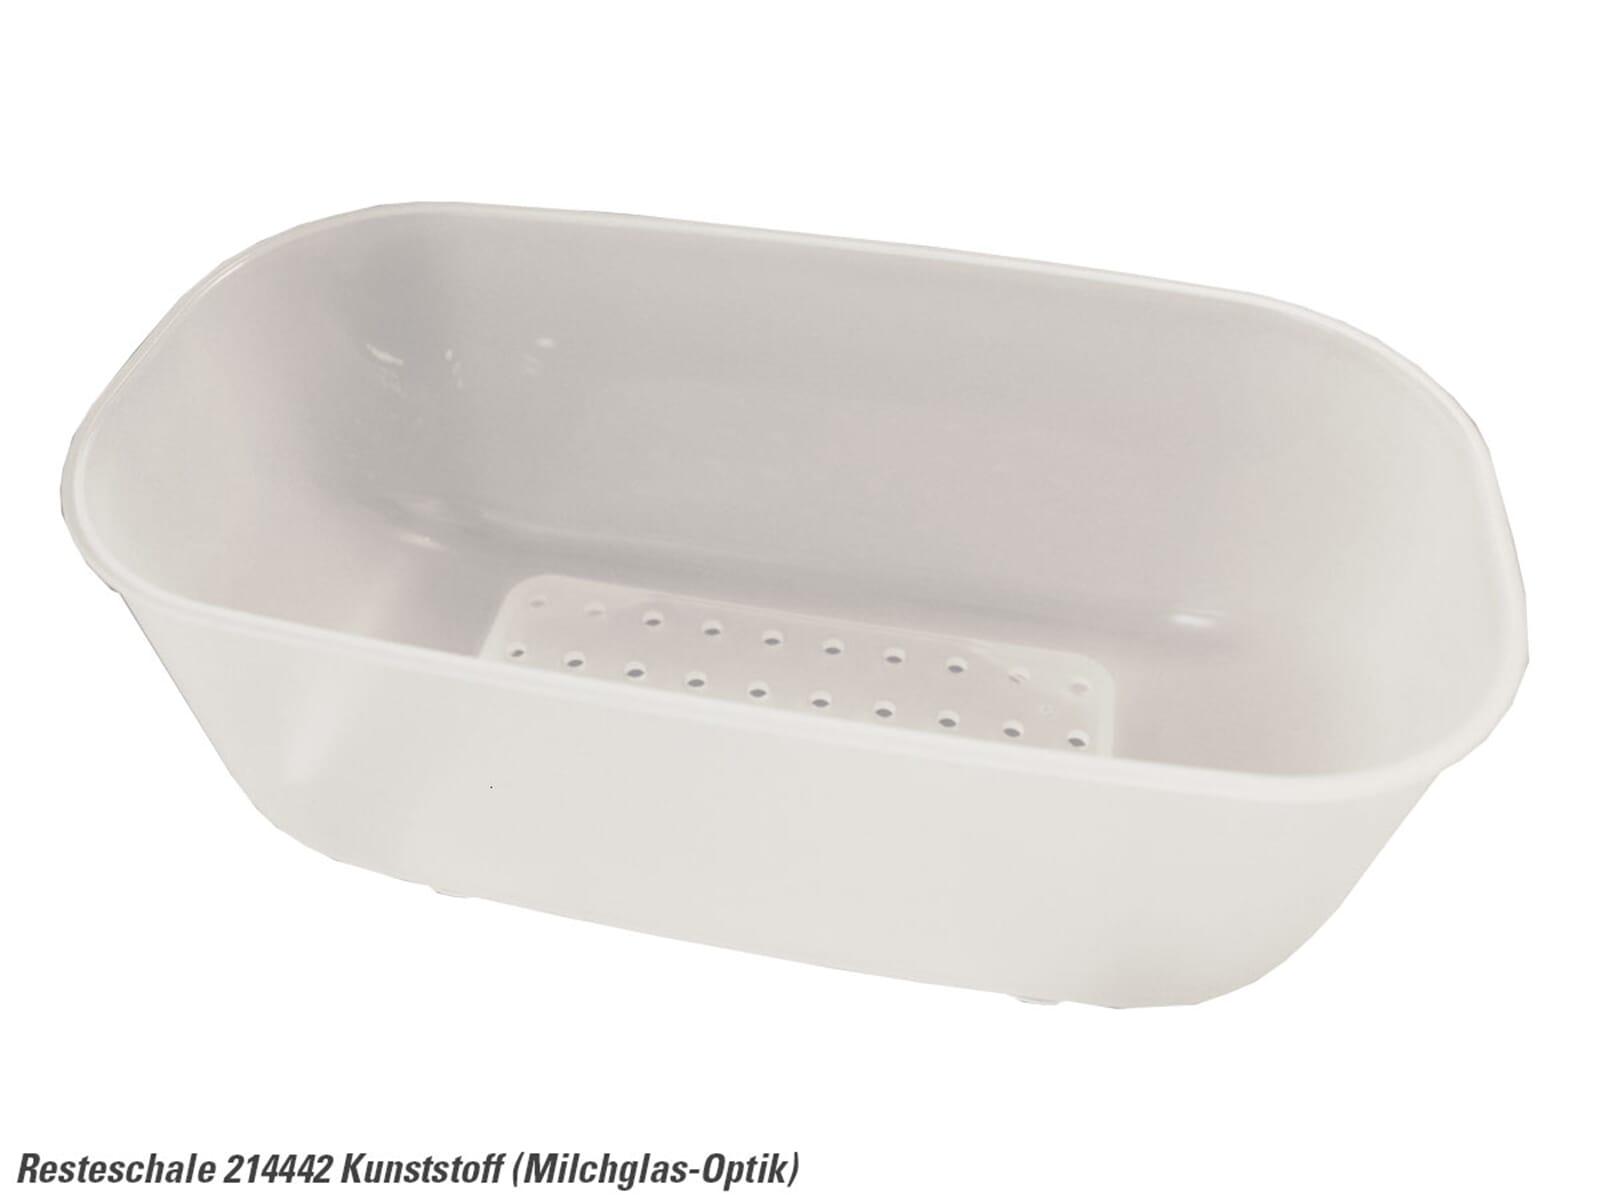 blanco 214 442 resteschale kunststoff transparent wei zubeh r sp le ebay. Black Bedroom Furniture Sets. Home Design Ideas